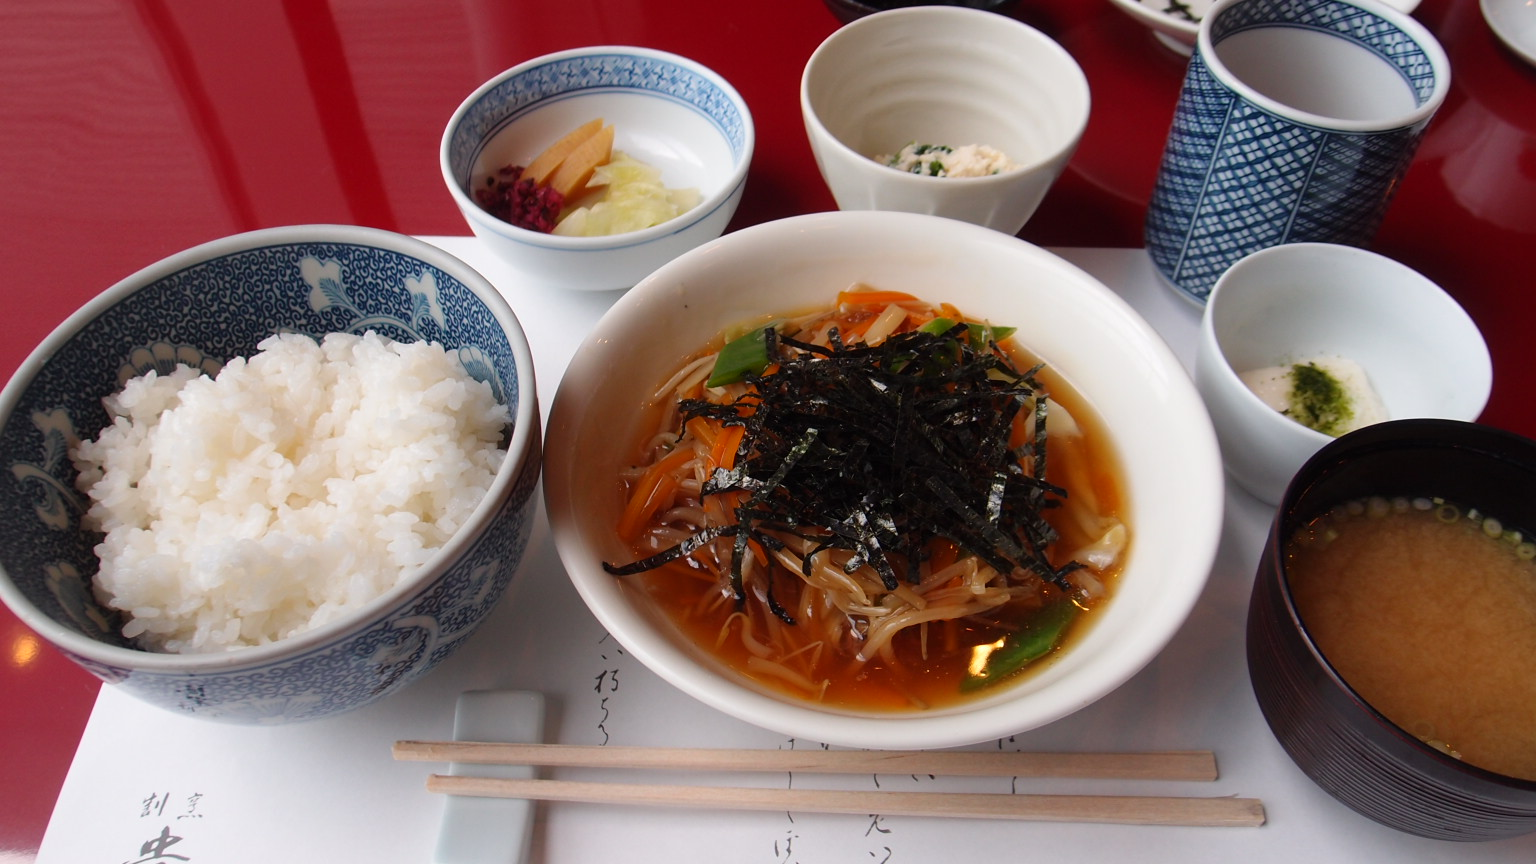 銀座 貴舟 煮魚定食